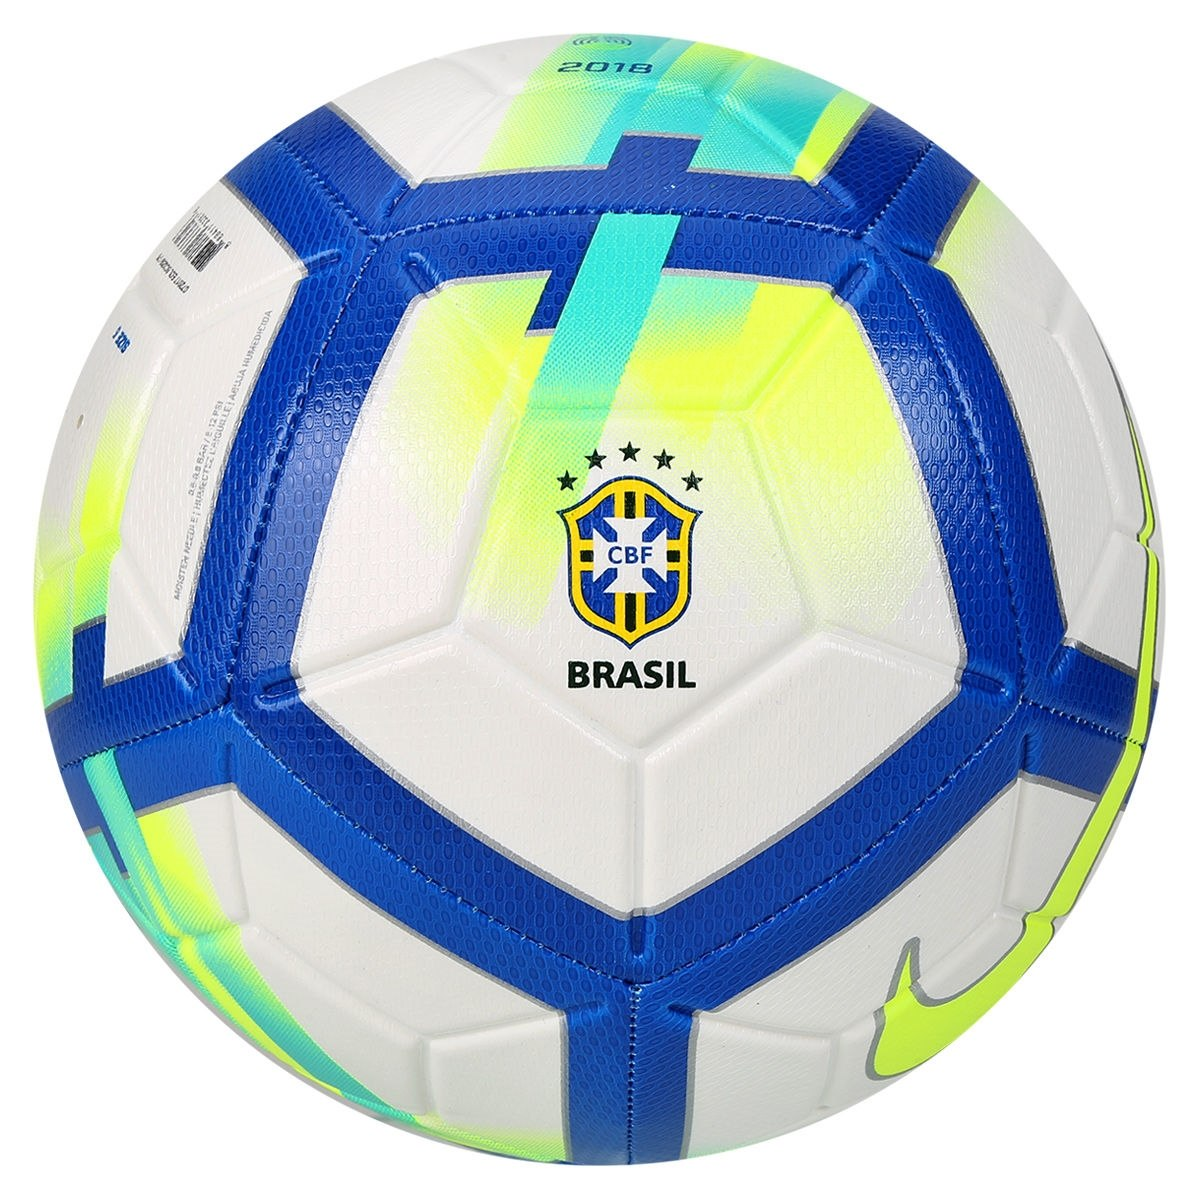 ad73ffa939 bola nike strike futebol campo brasileirão 2018 original nfe. Carregando  zoom... bola nike futebol. Carregando zoom.